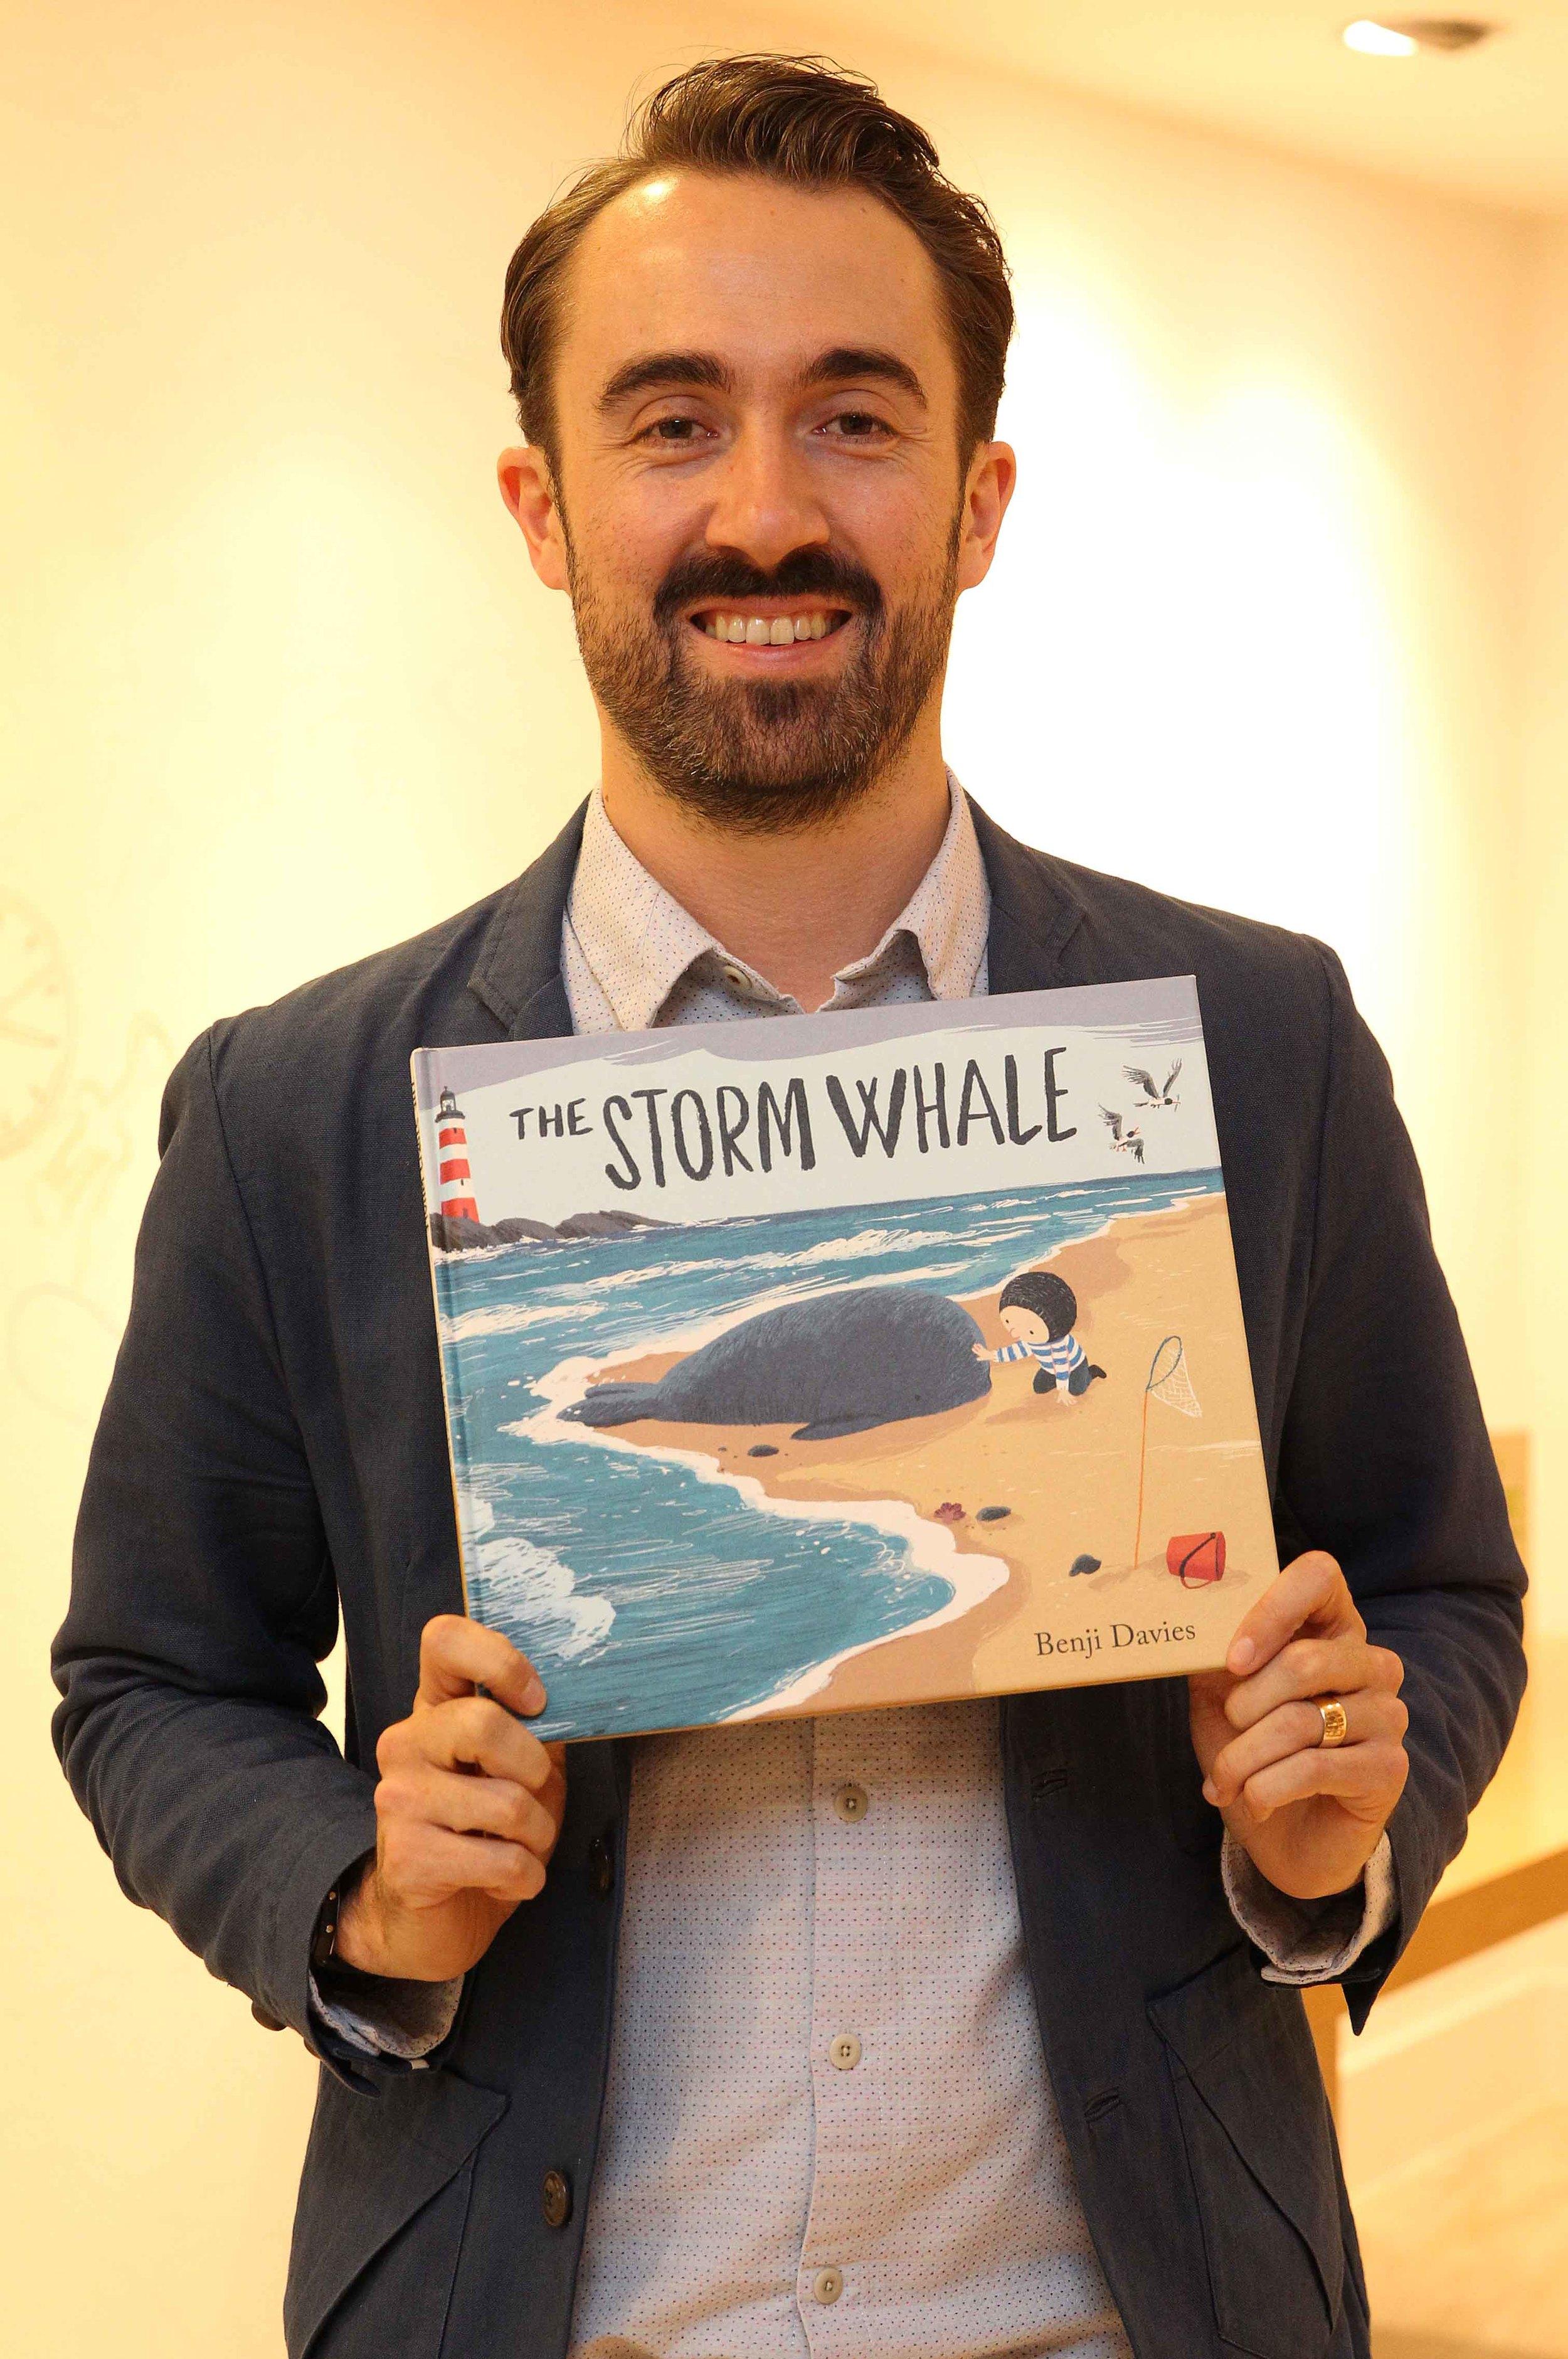 2014 Oscar's Book Prize winner Benji Davies